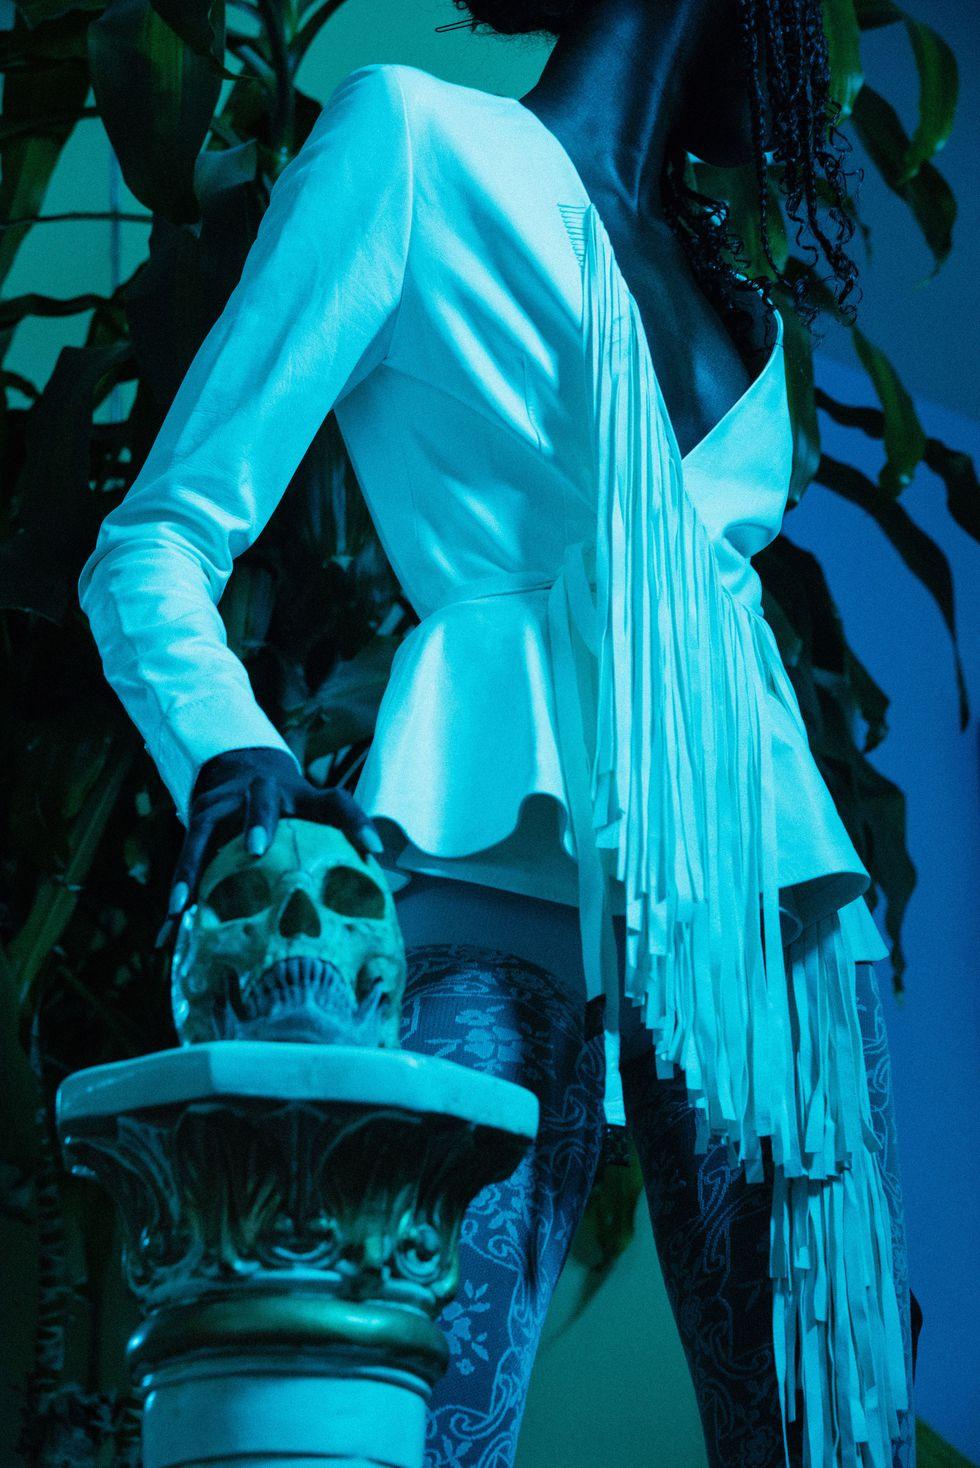 Anok Yai by Ivar Wigan for CR Fashion Book 13 (2).jpg